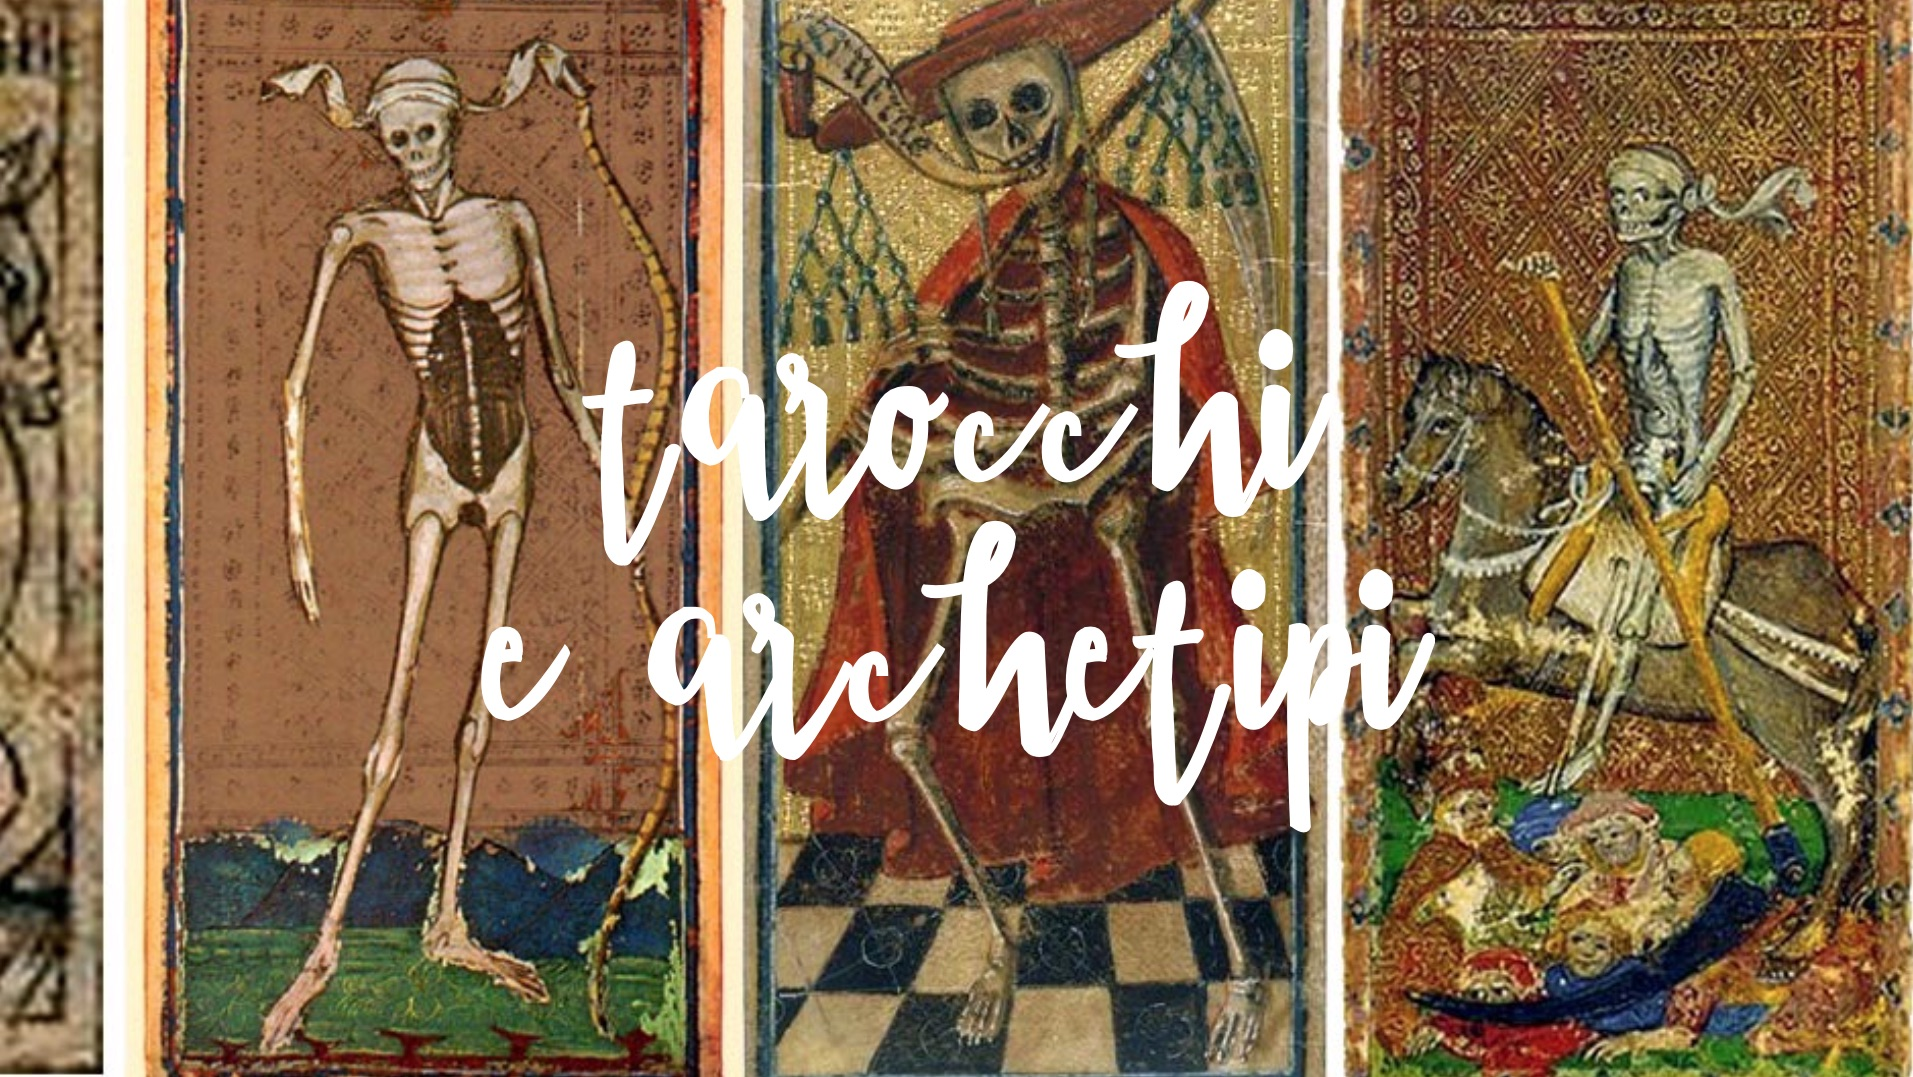 I Tarocchi e i loro Archetipi